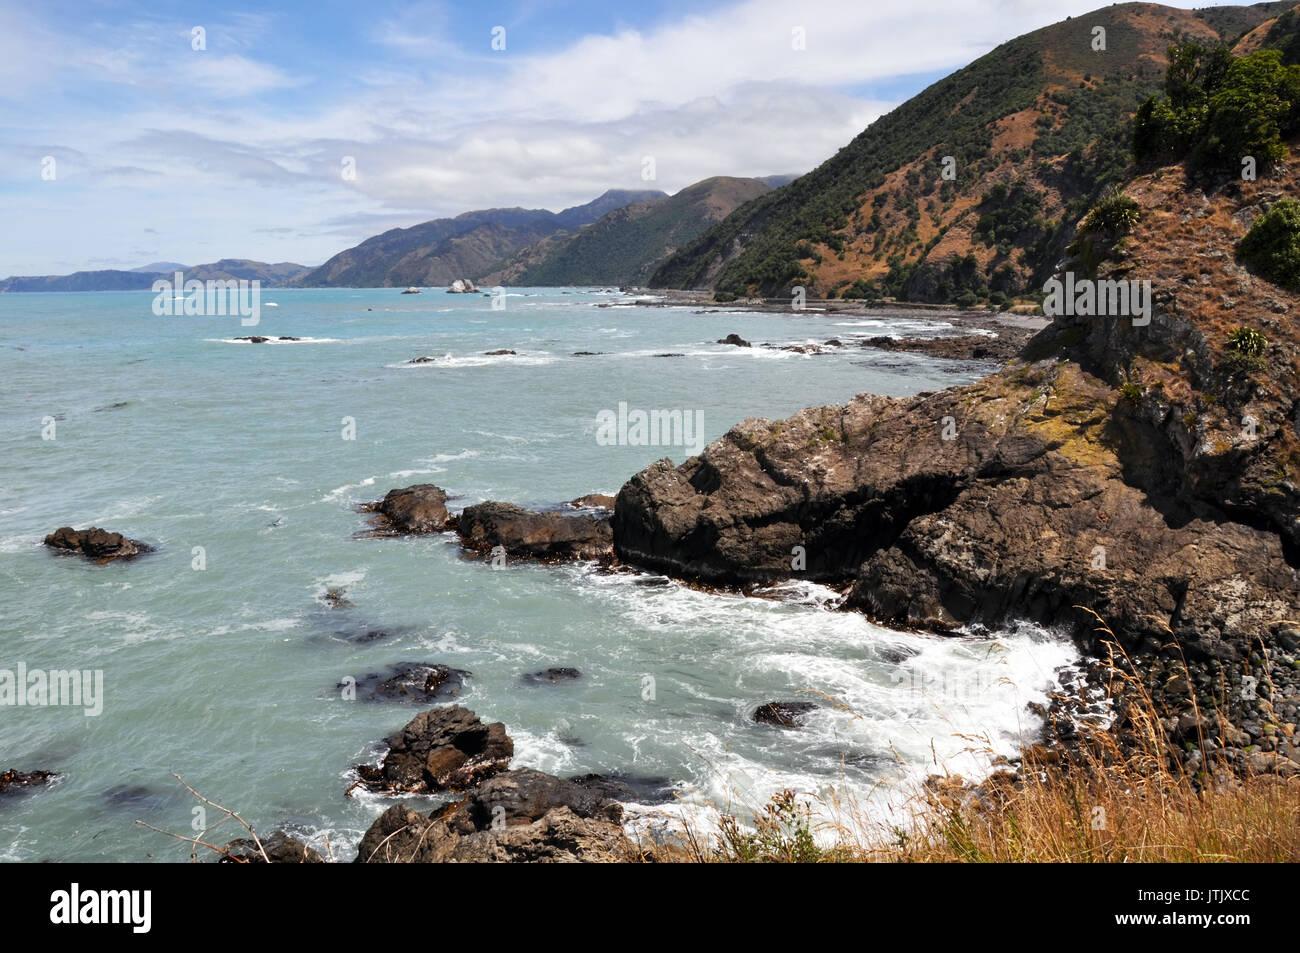 La costa rocosa de Kaikoura, mirando al sur hacia Christchurch. Una popular colonia de focas y ballenas como destino turístico en la costa oriental de la Foto de stock